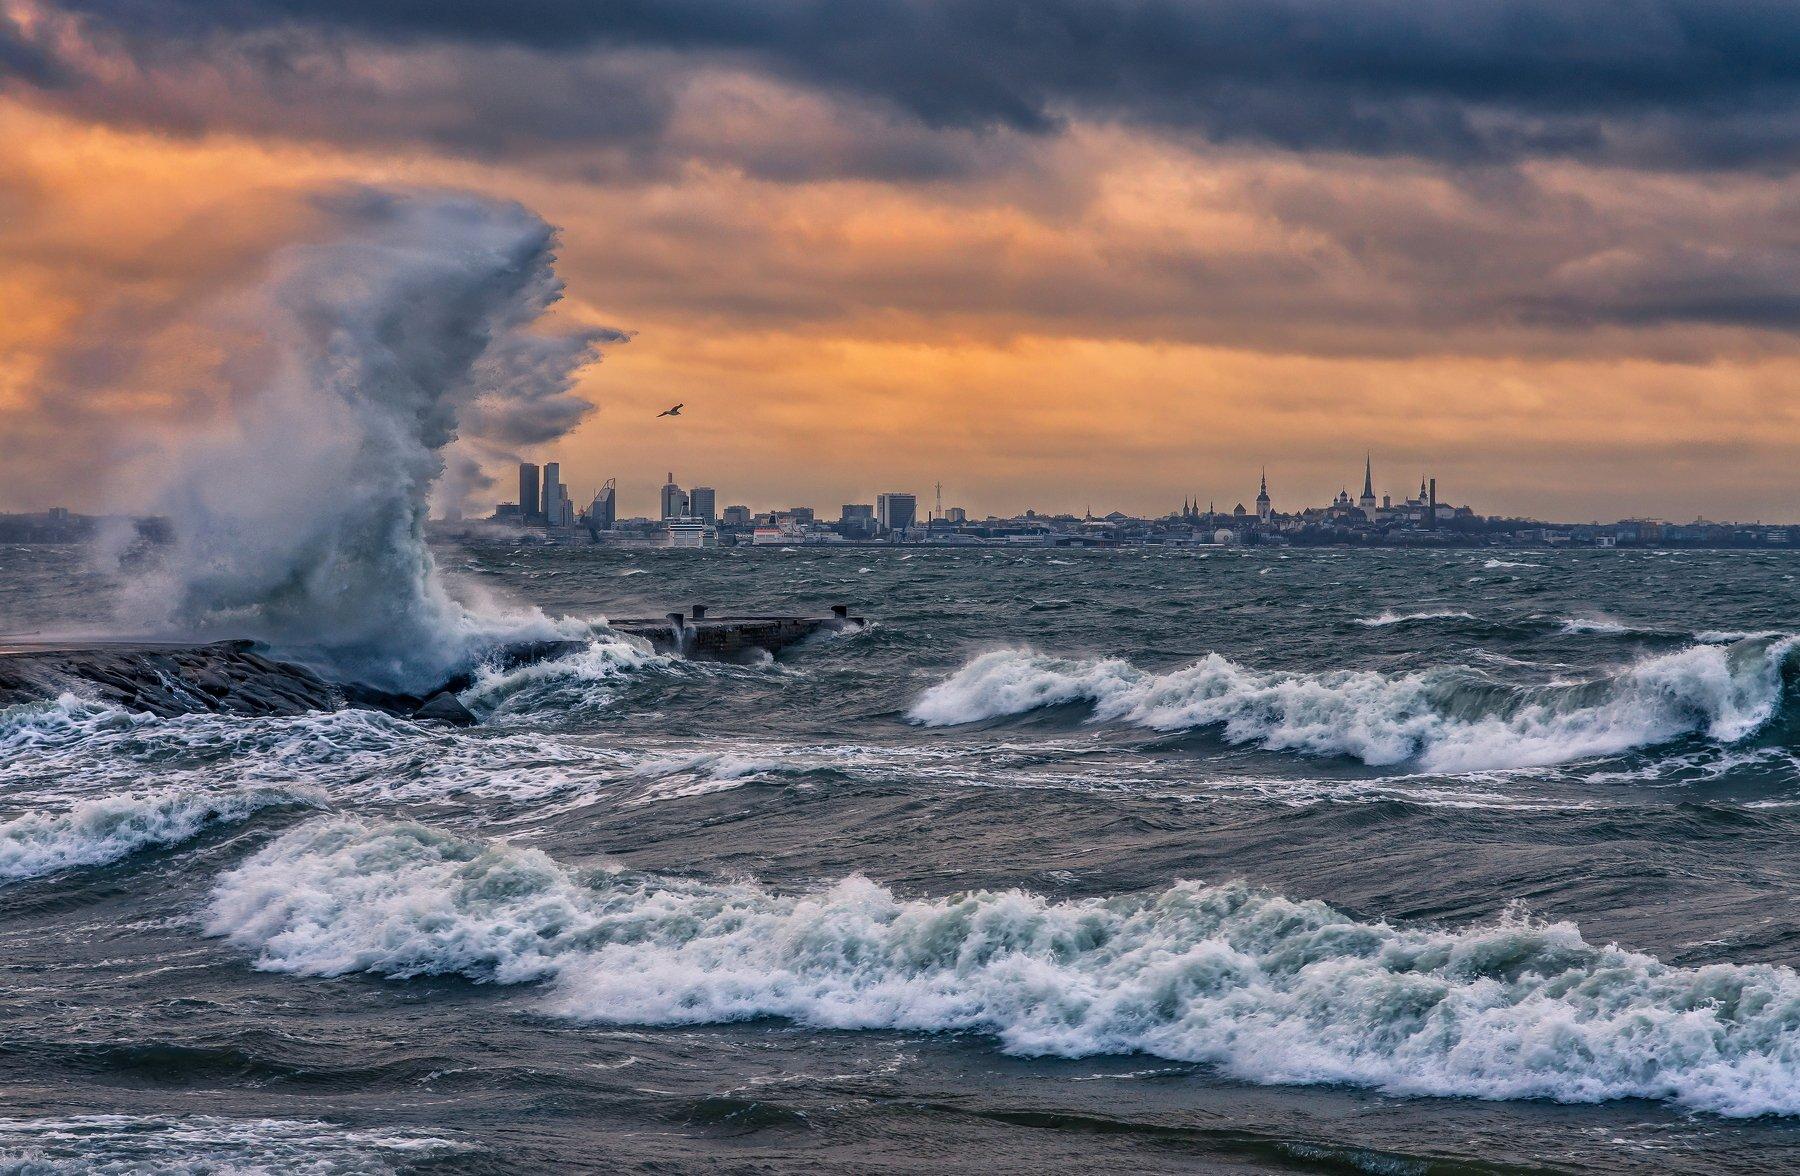 таллинн эстония балтика балтийское море финский залив пейзаж путешествие шторм ветер волны, Сергей Давыдов